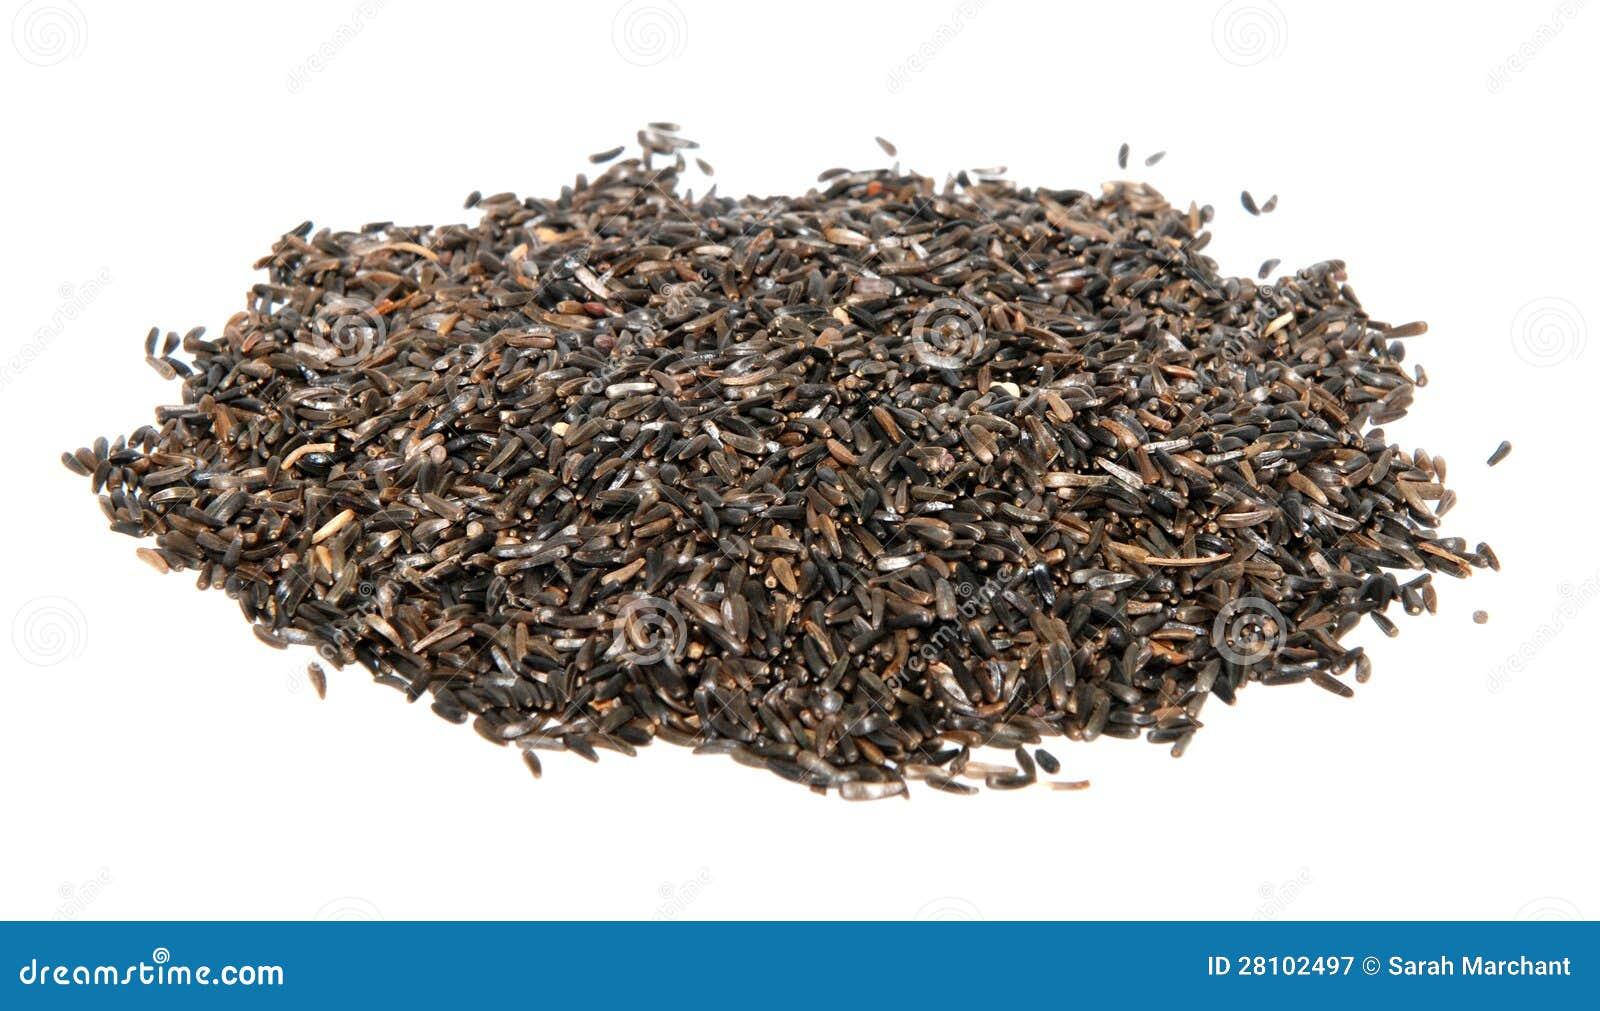 Nourriture pour oiseaux de graine du niger image stock image 28102497 - Graines pour oiseaux du ciel ...